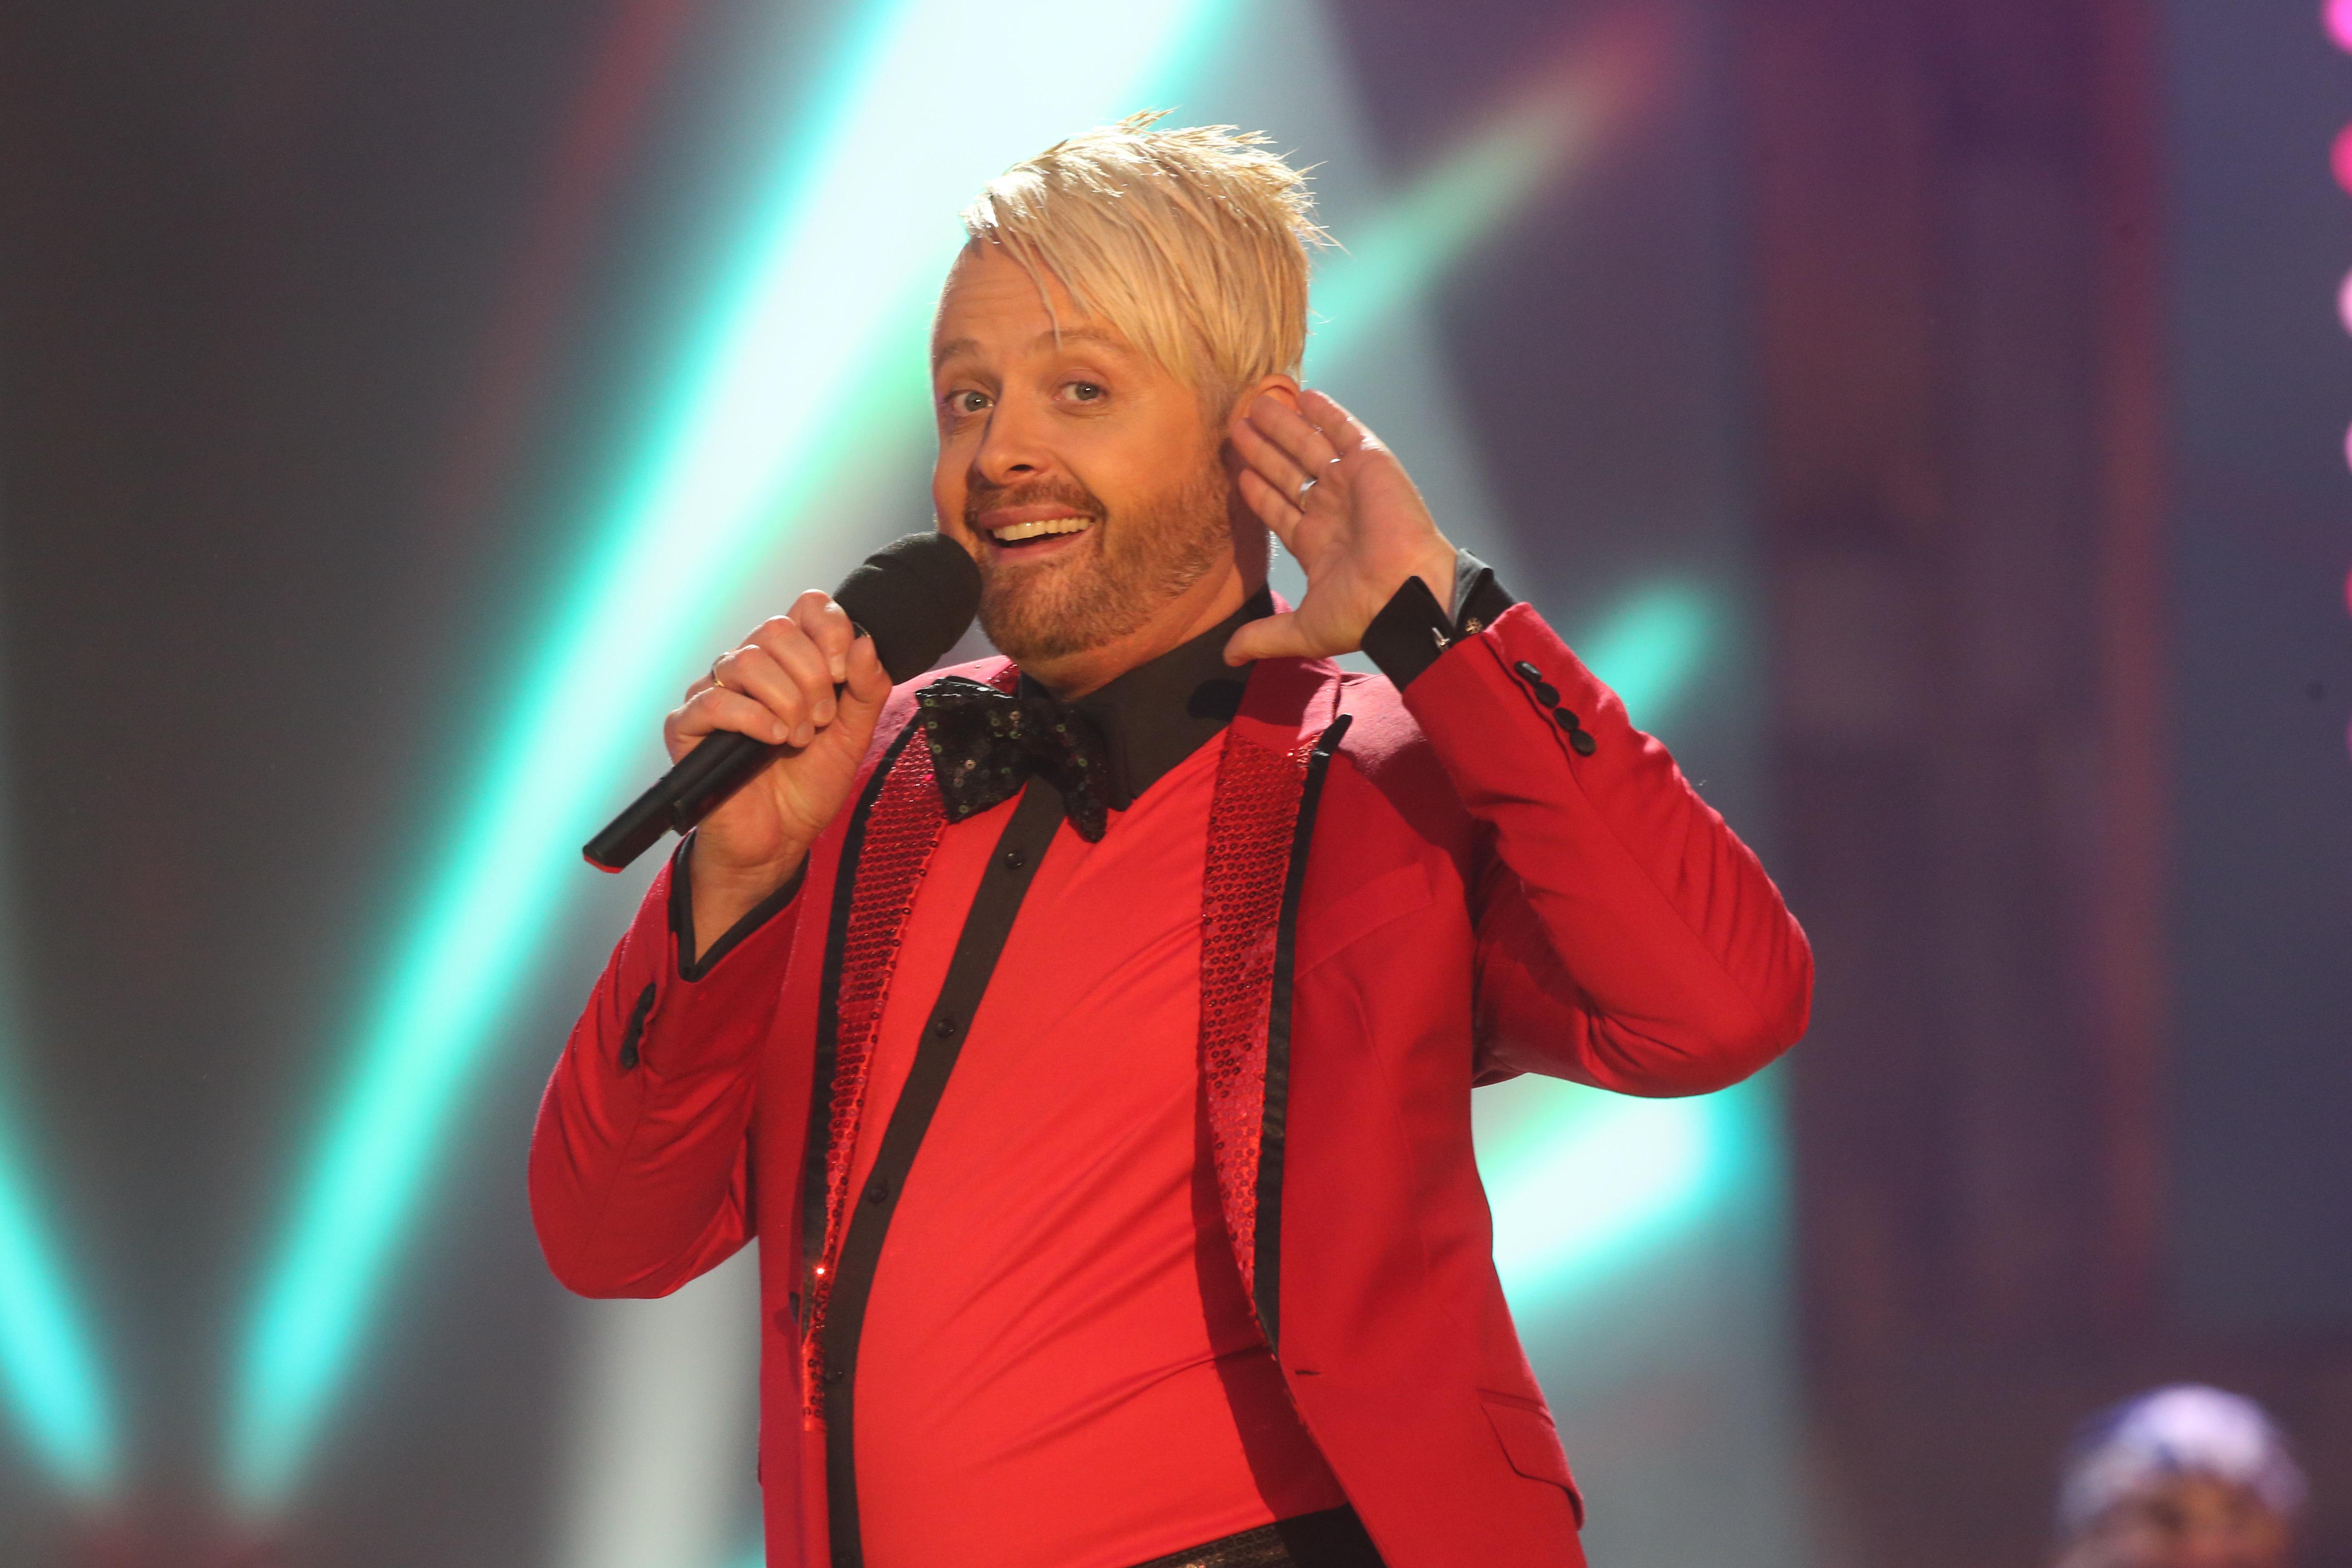 Ross Antony ist der Stargast des Sonntags. Er wird das Publikum ab 15 Uhr mit vielen Hits aus seinem Repertoire begeistern. FOTO: DPA